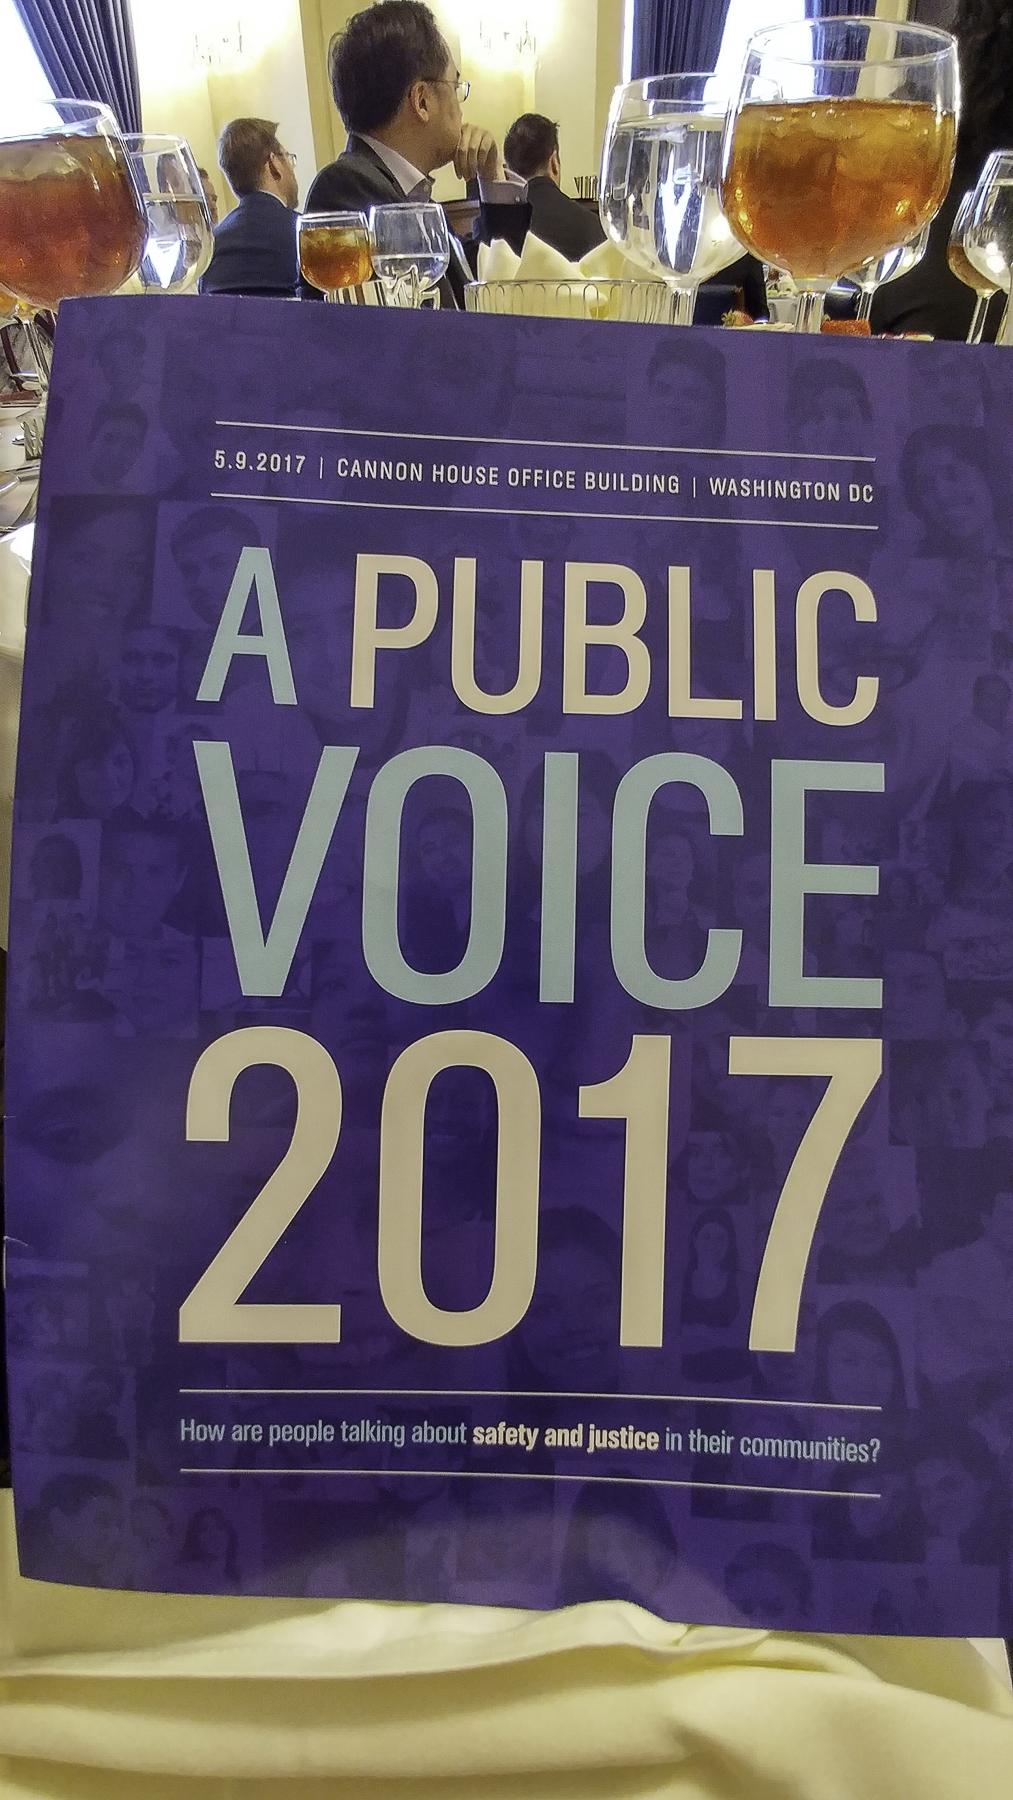 A Public Voice